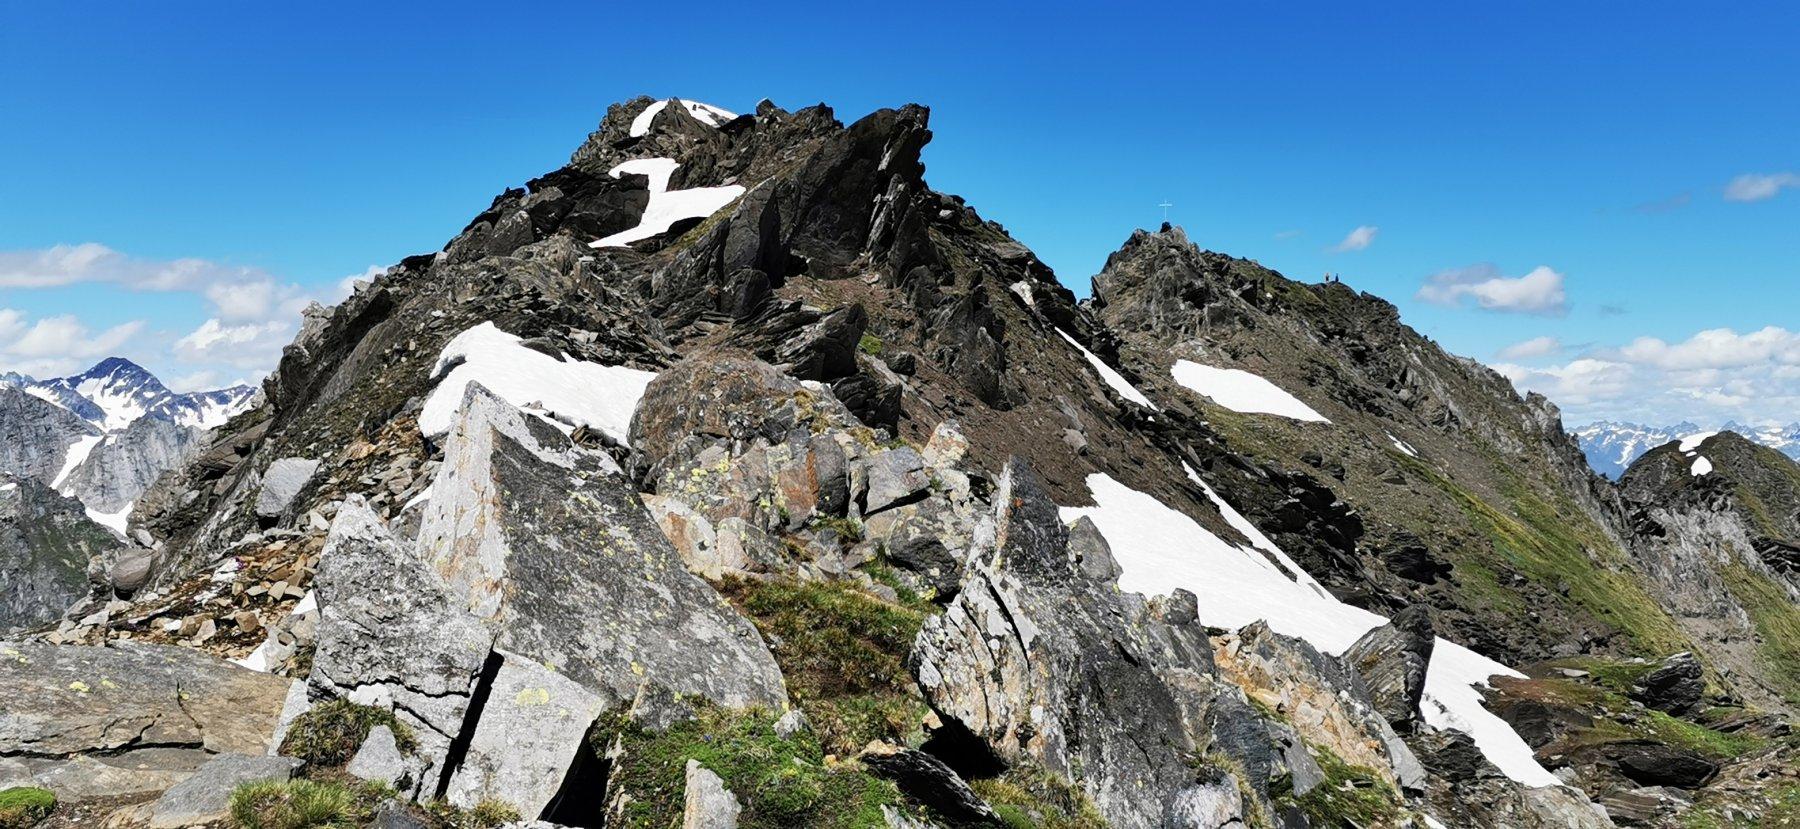 superando la cresta rocciosa terminale in direzione della cima